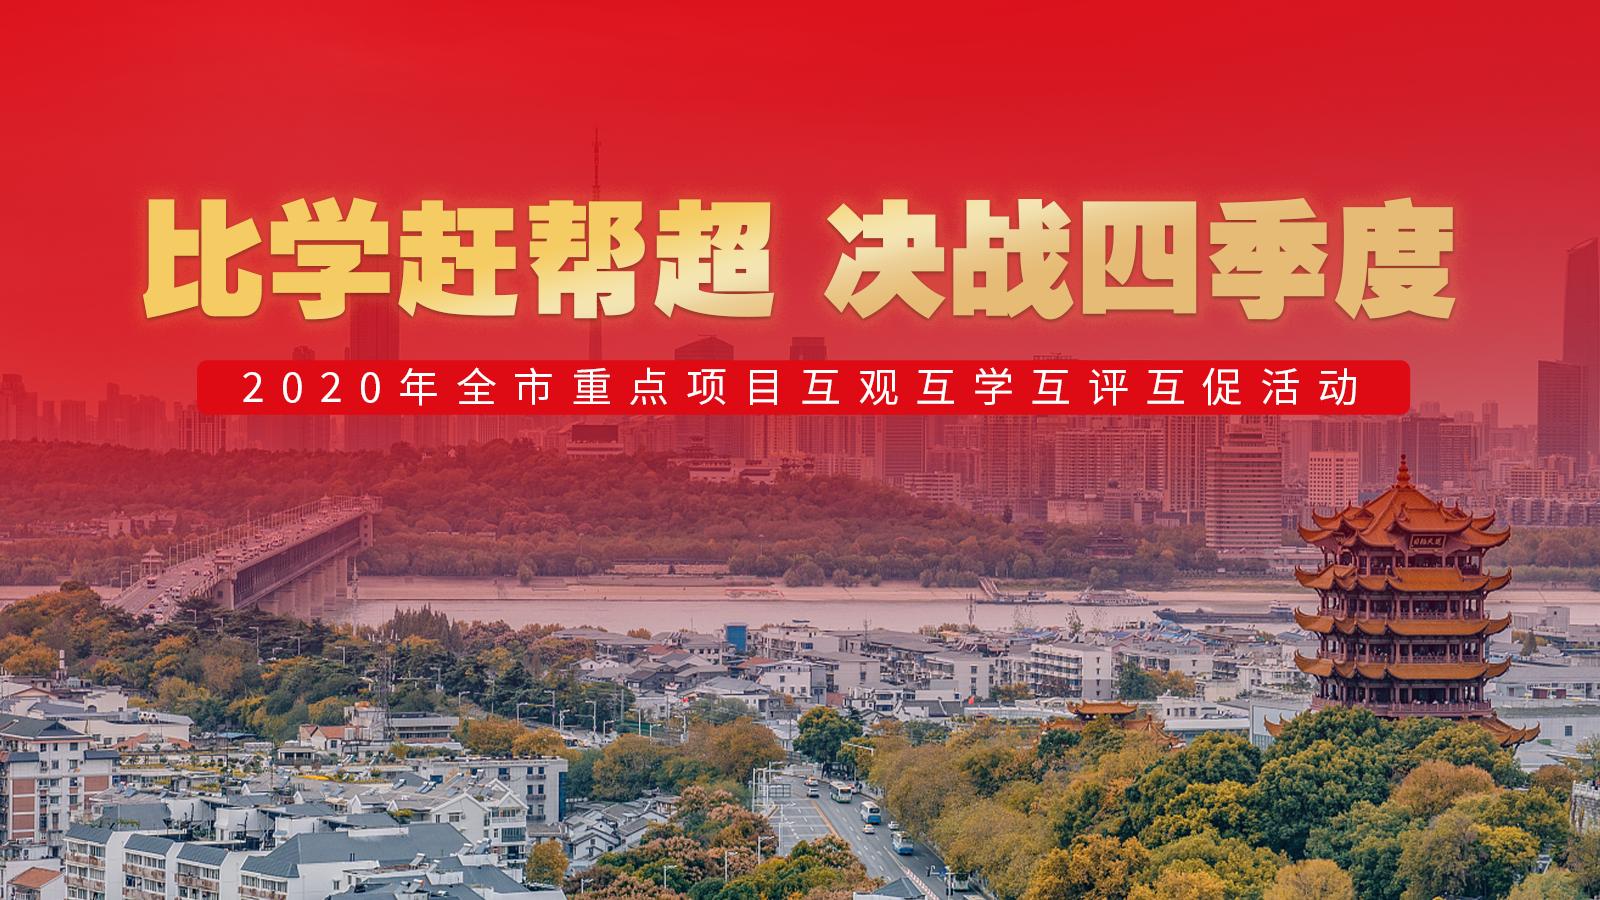 第一观察|五年三次座谈,长江在总书记心中有多重